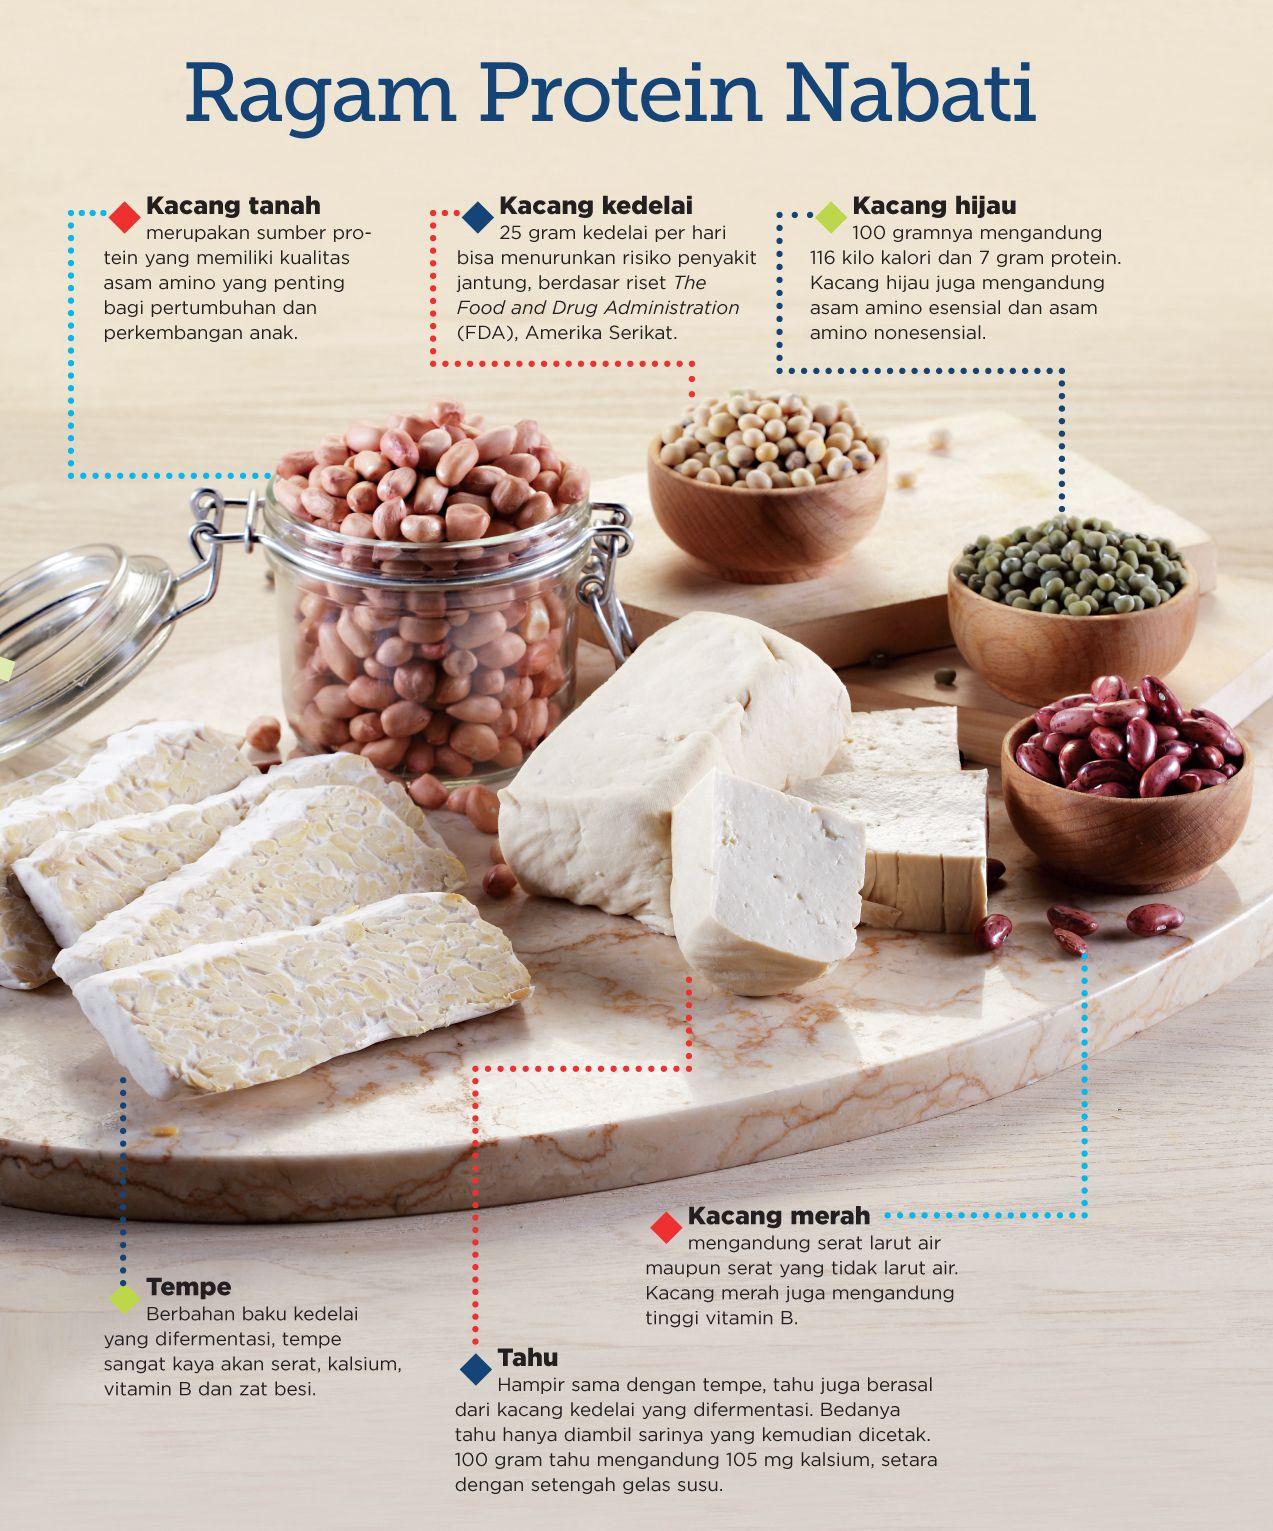 Makanan Sumber Protein Nabati dan Manfaatnya Bagi